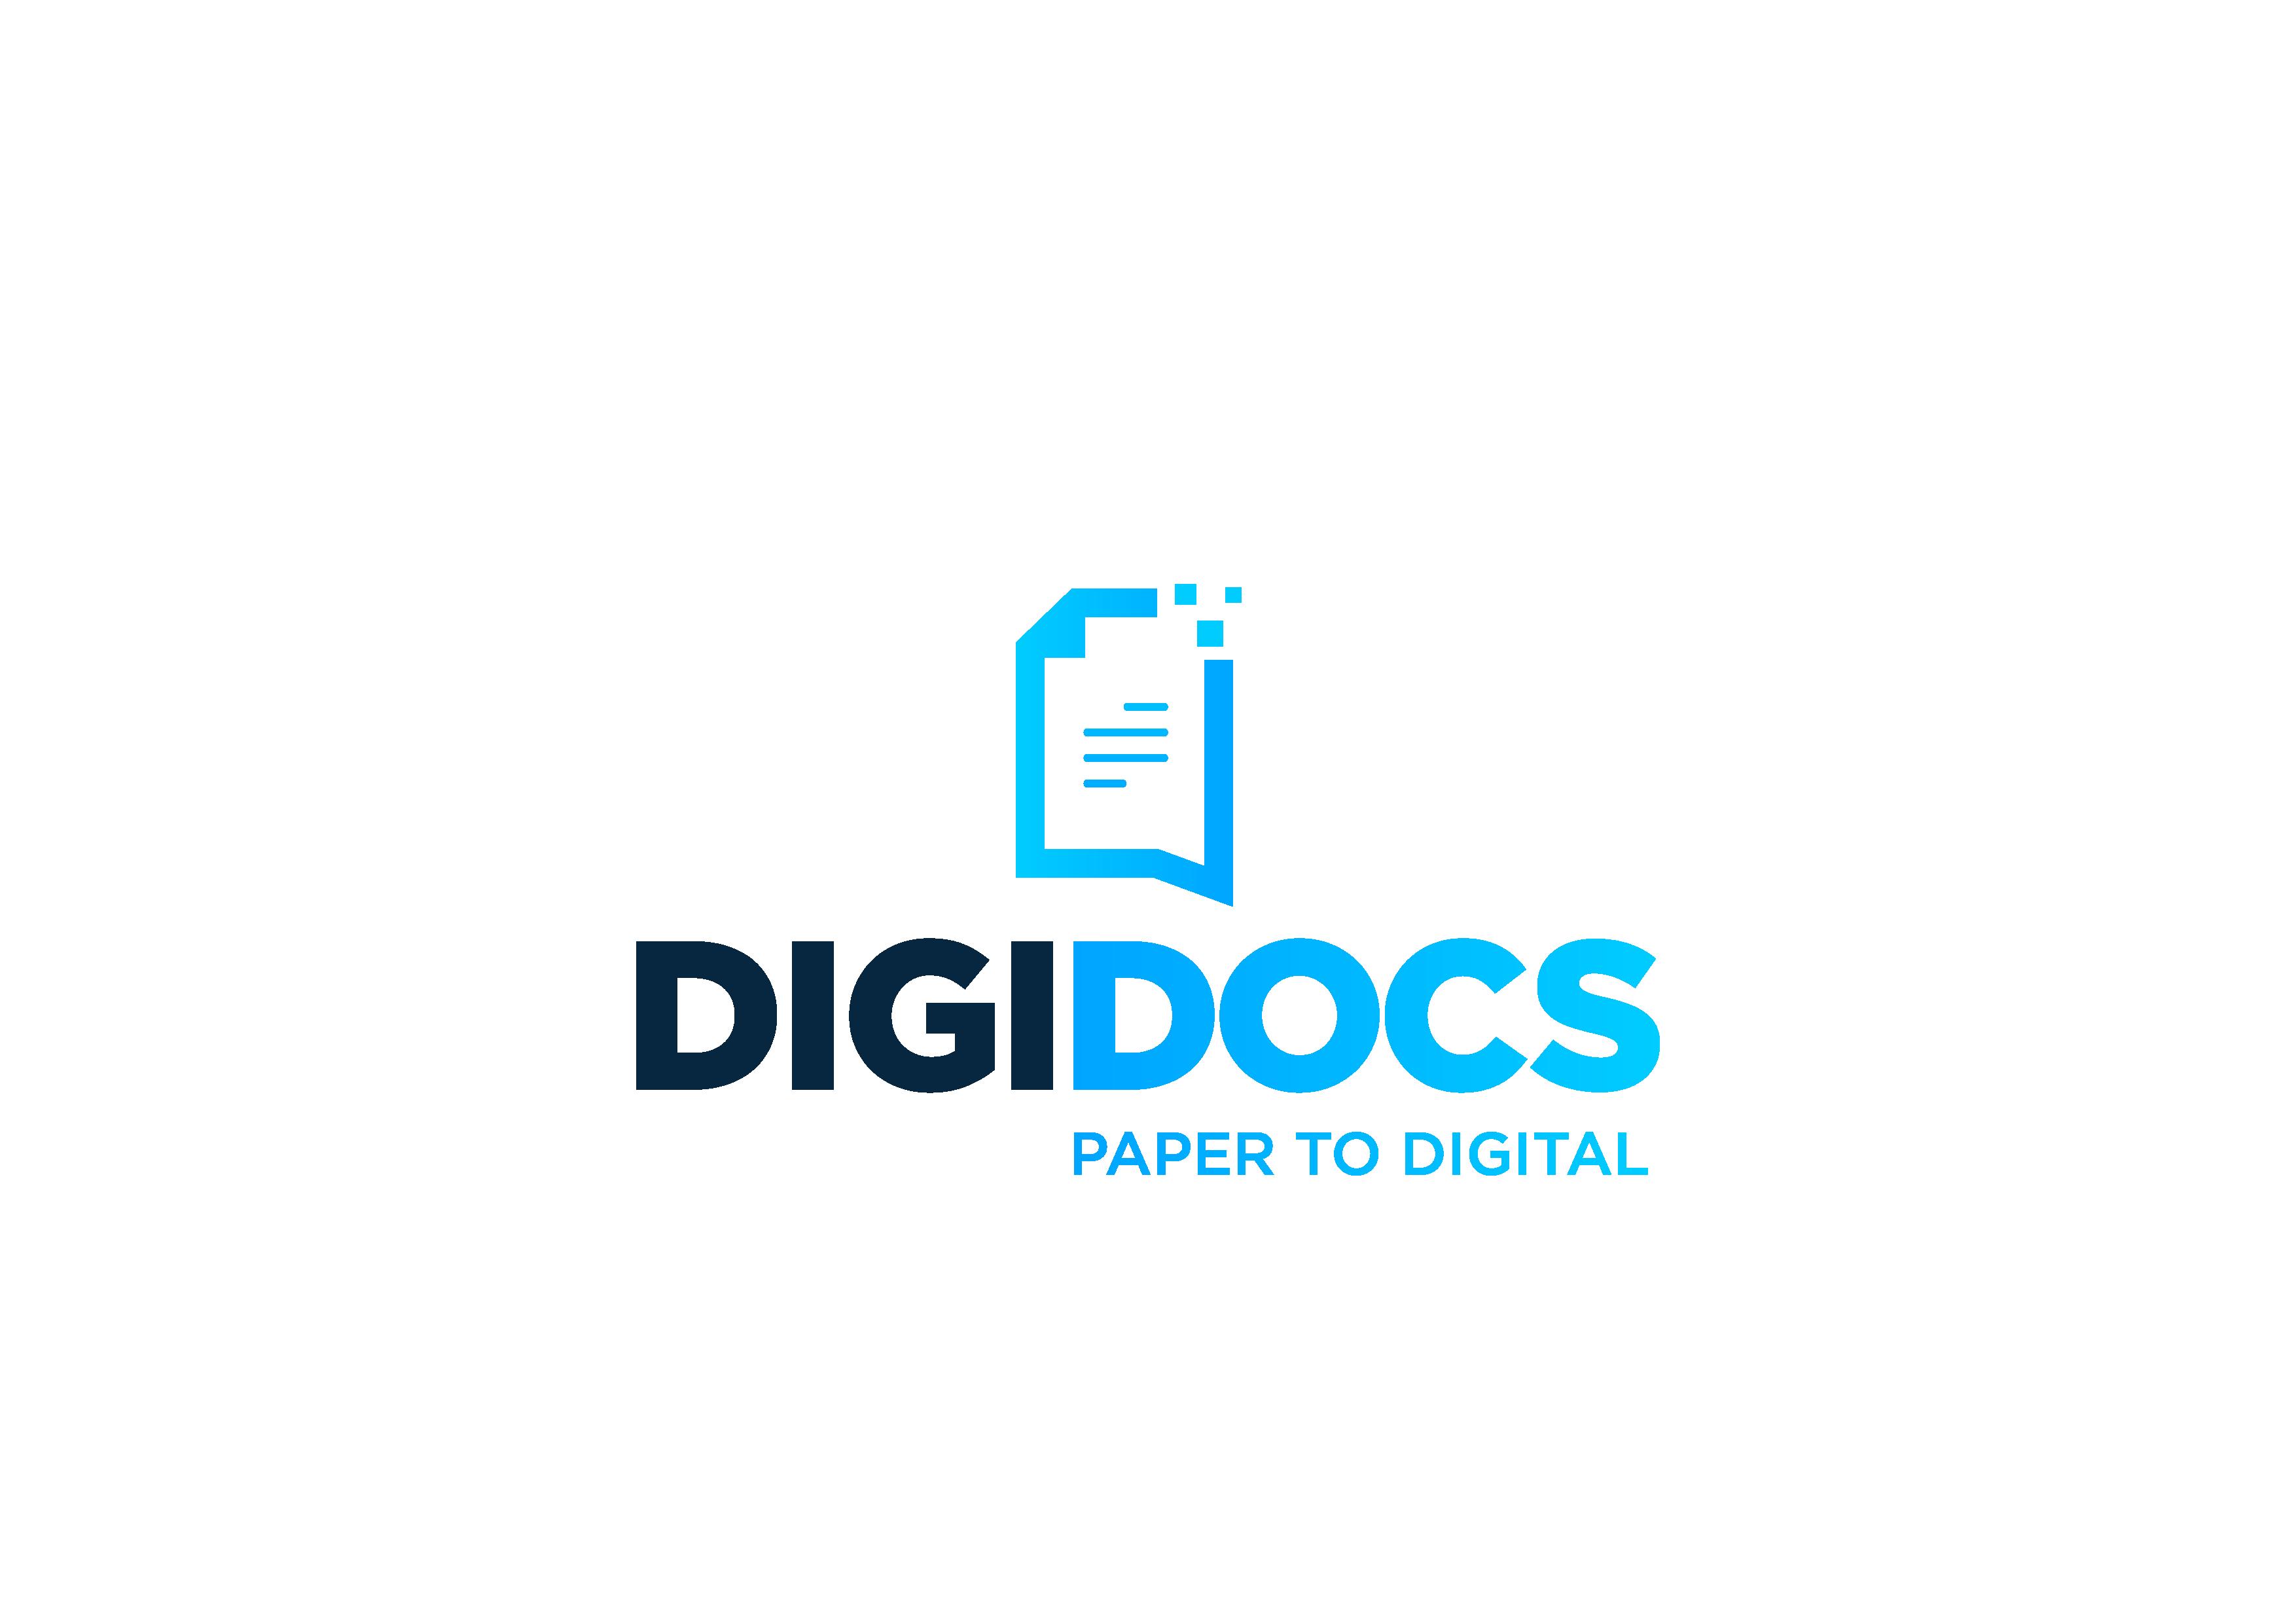 DigiDocs